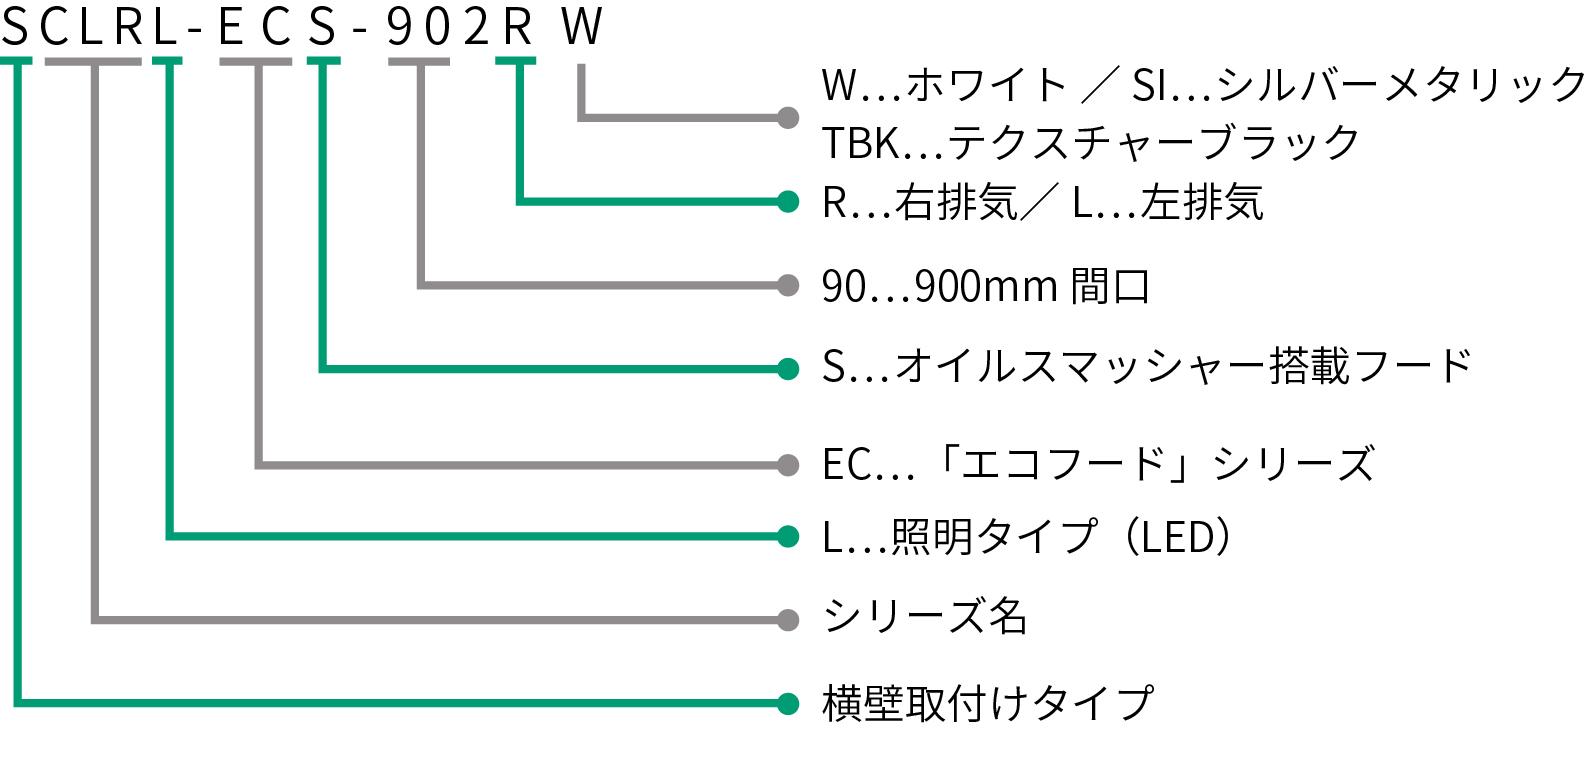 SCLRL-ECS-Vの型番の見方説明